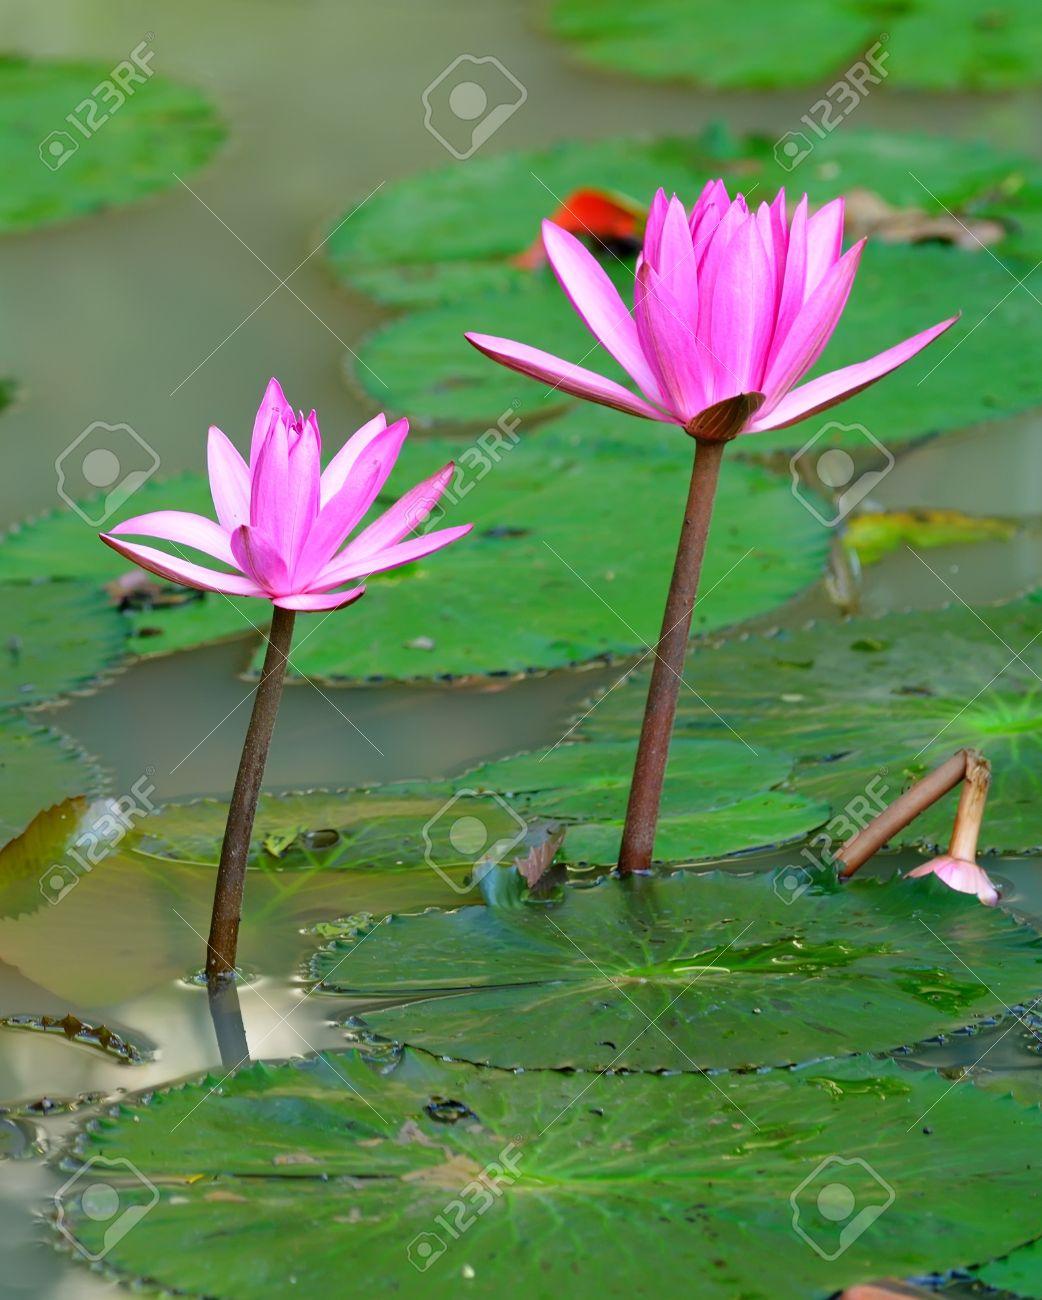 Lotus Flower In Hinduism Gallery Flower Wallpaper Hd